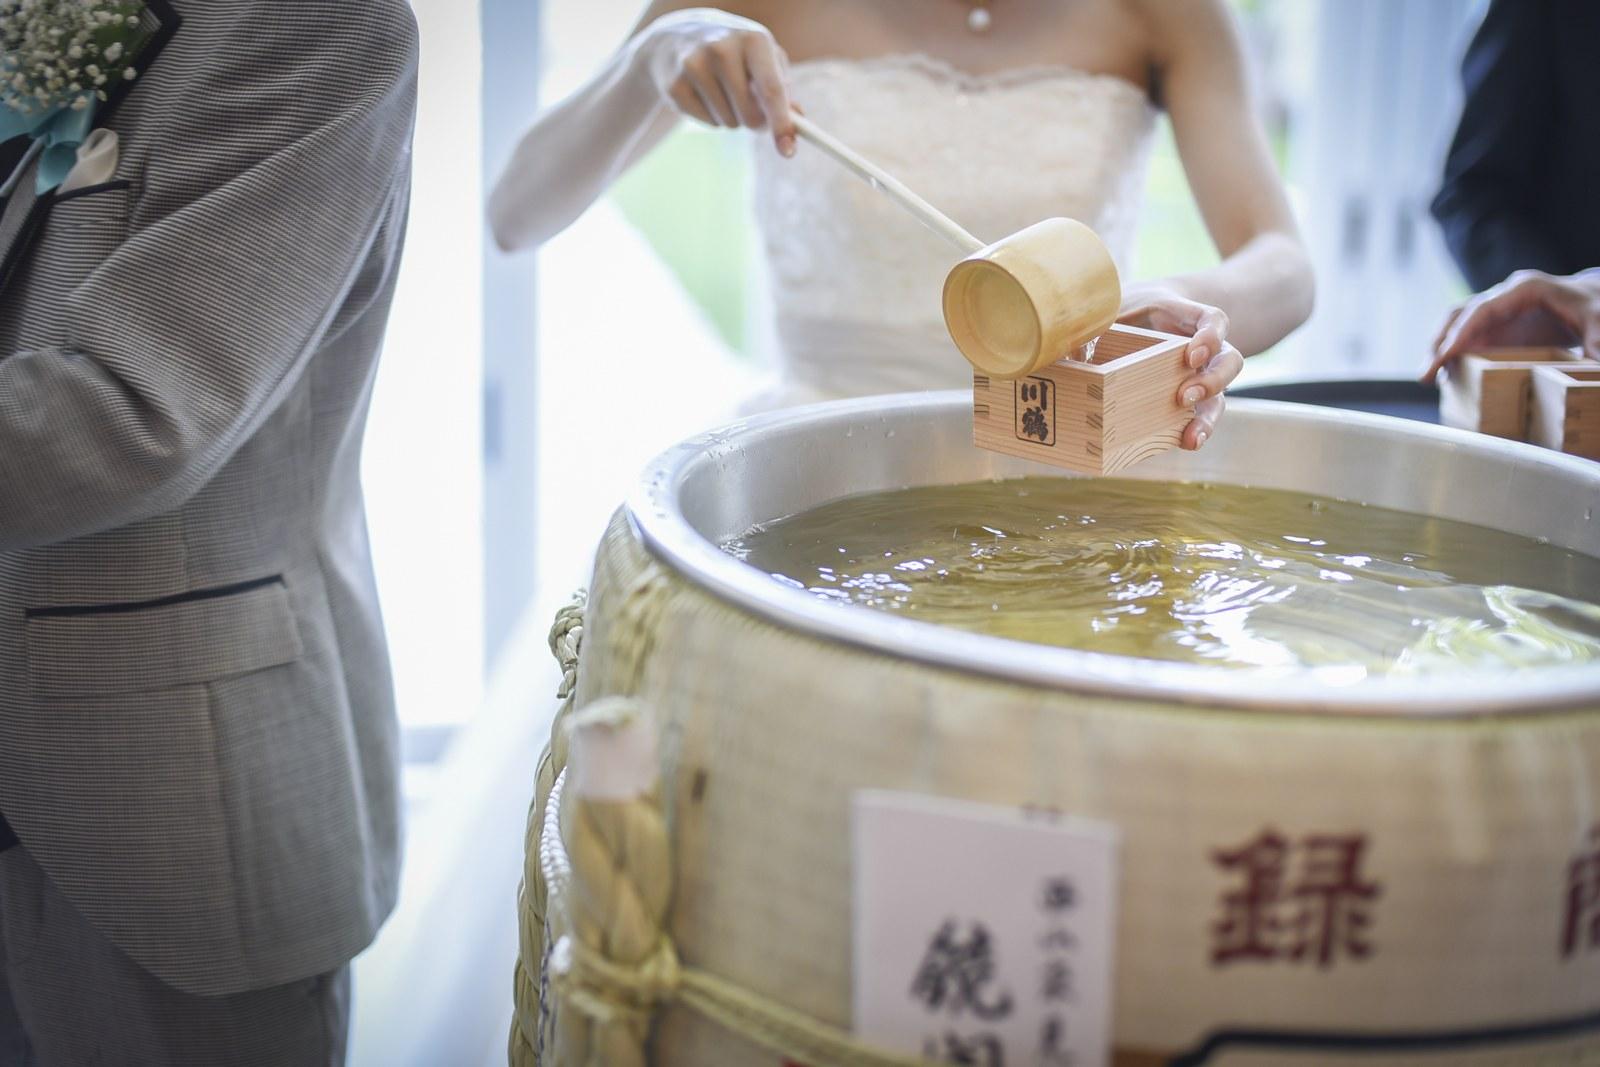 香川の結婚式場シェルエメール&アイスタイルで鏡開き